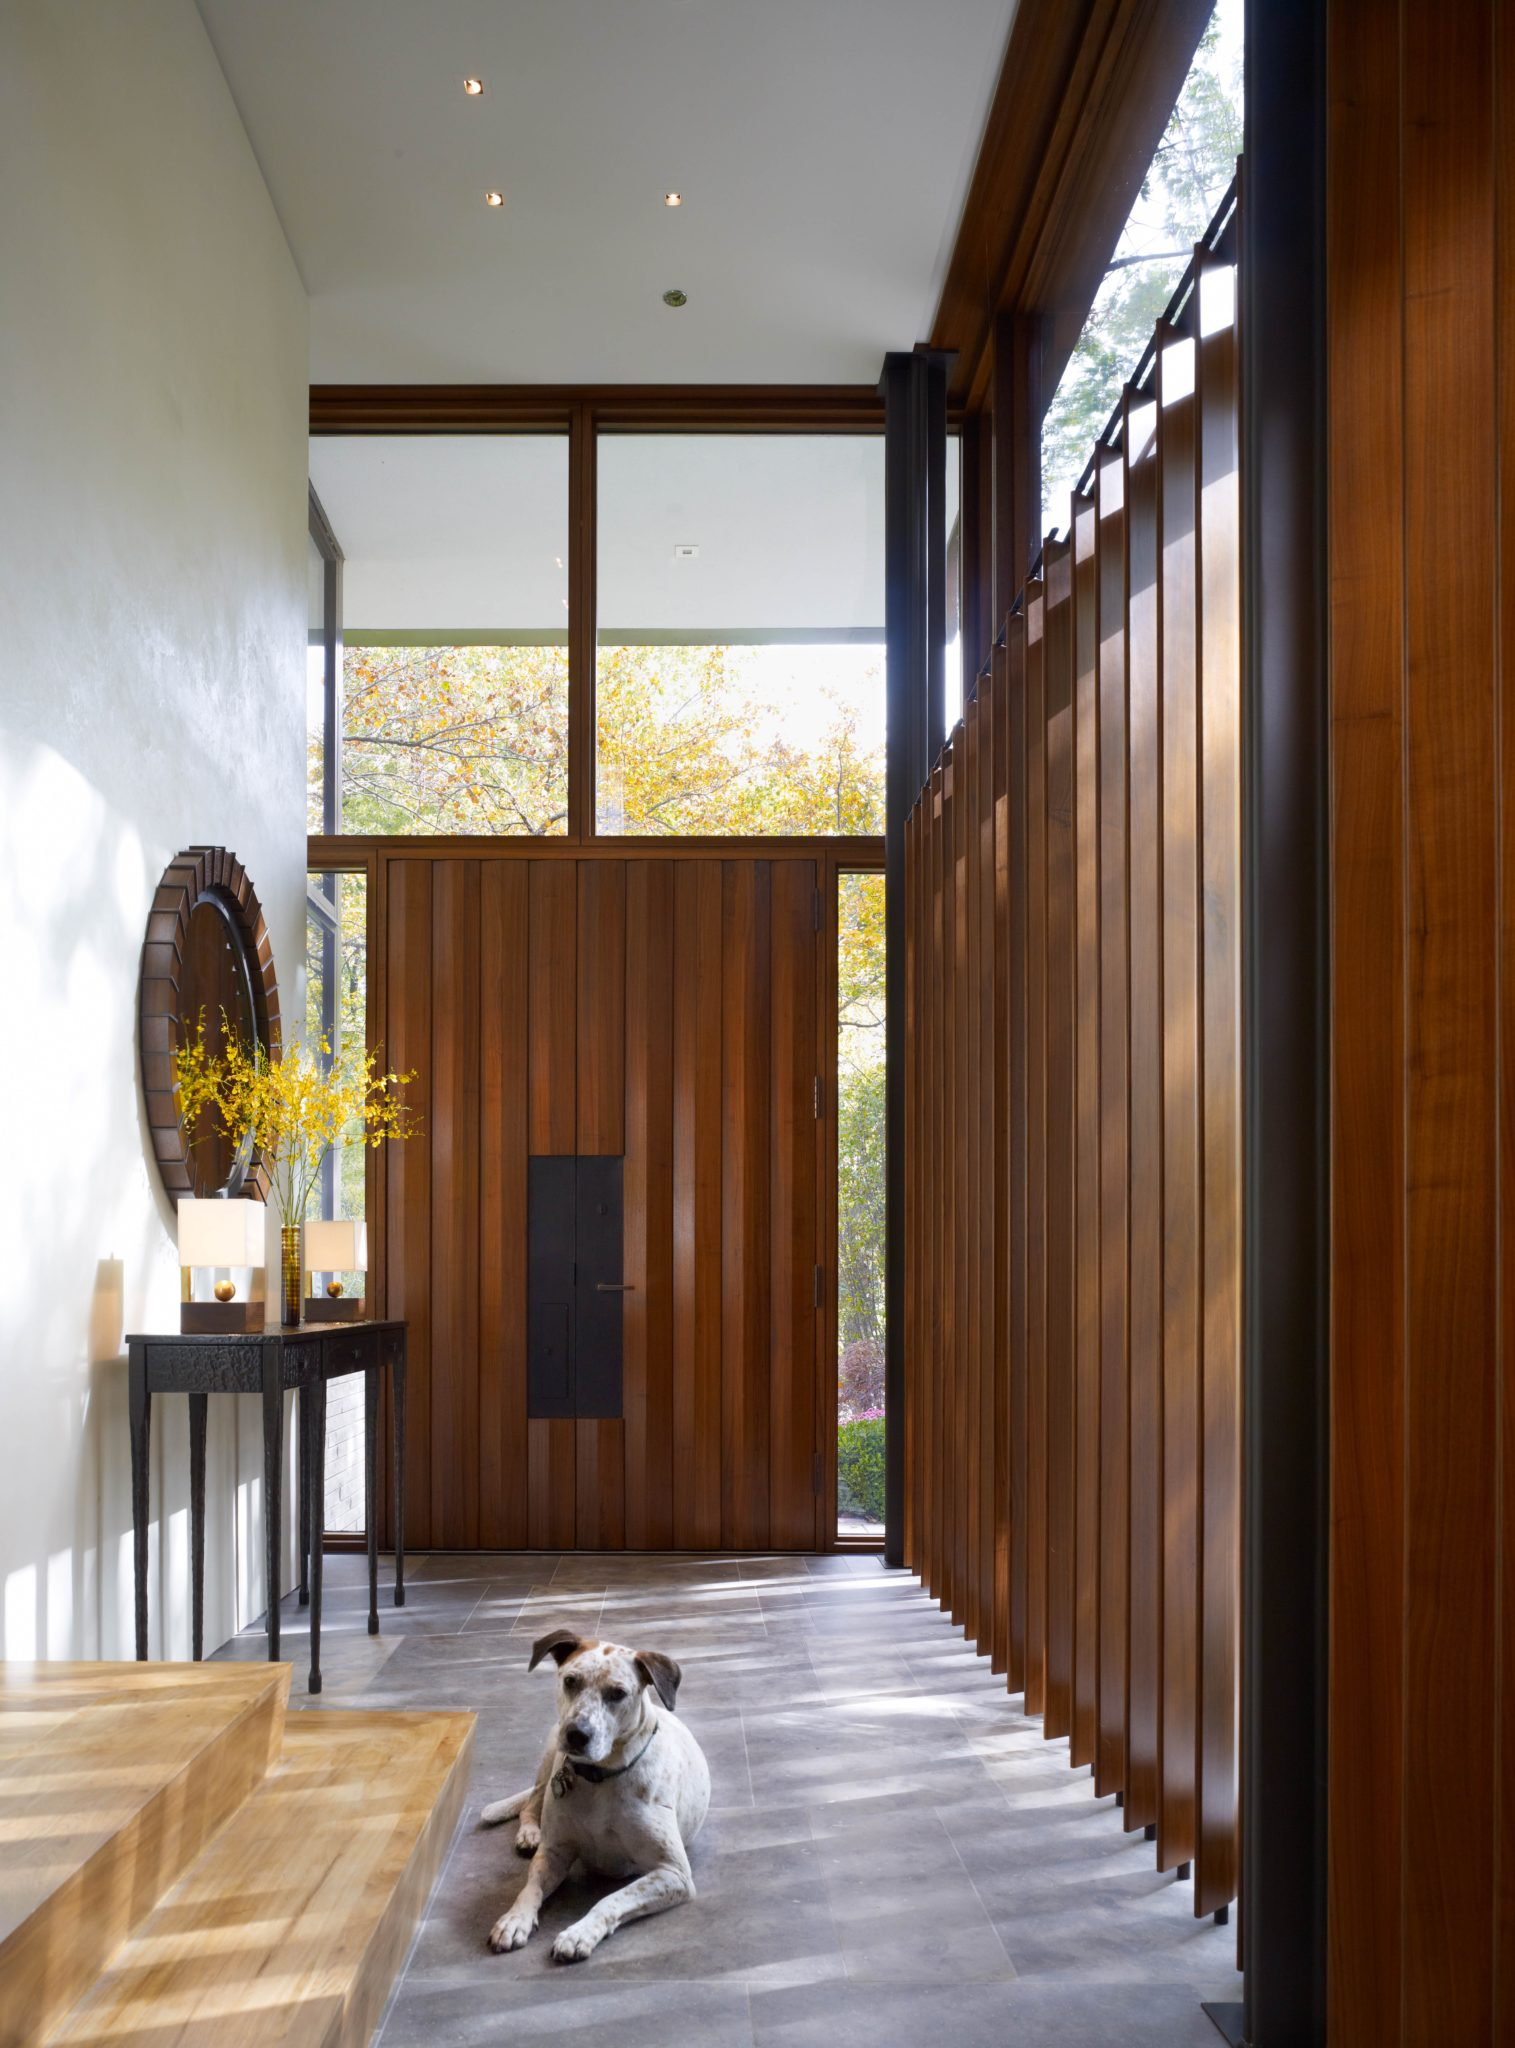 Interior design byRariden Schumacher Mio & Co.